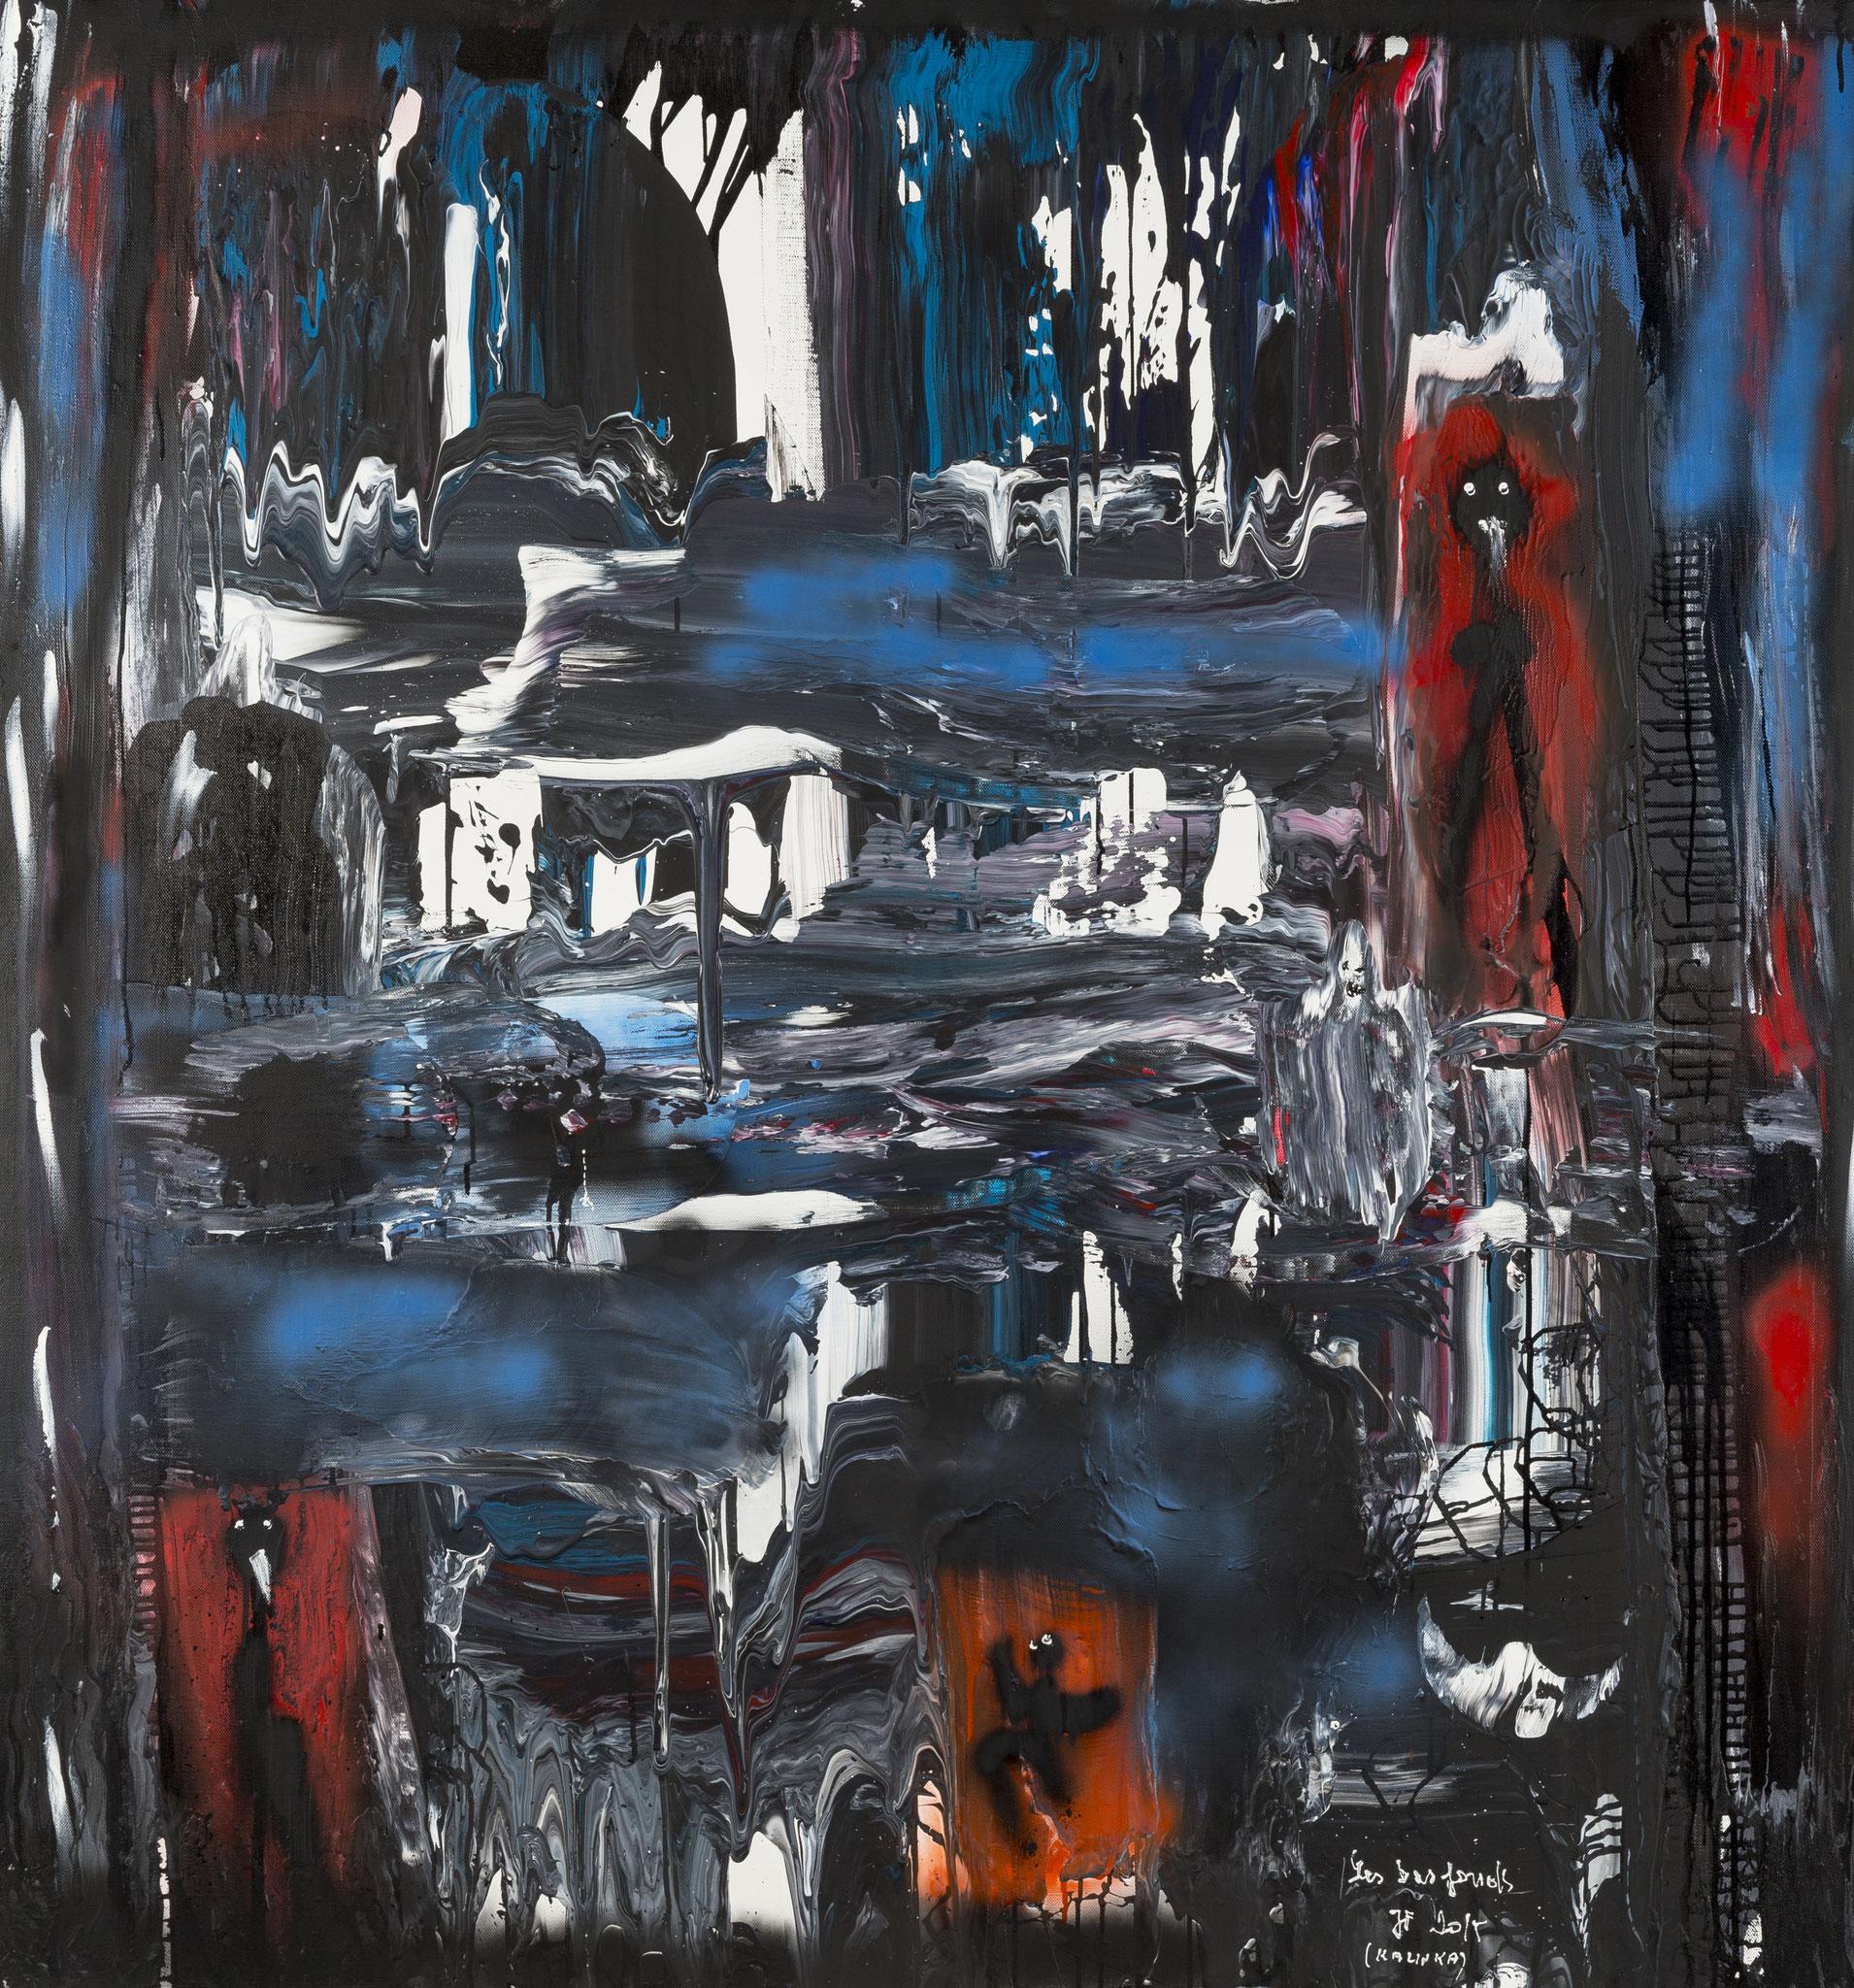 Les Bas fonds (2015) - Acrylique sur toile, 150 x 140 cm